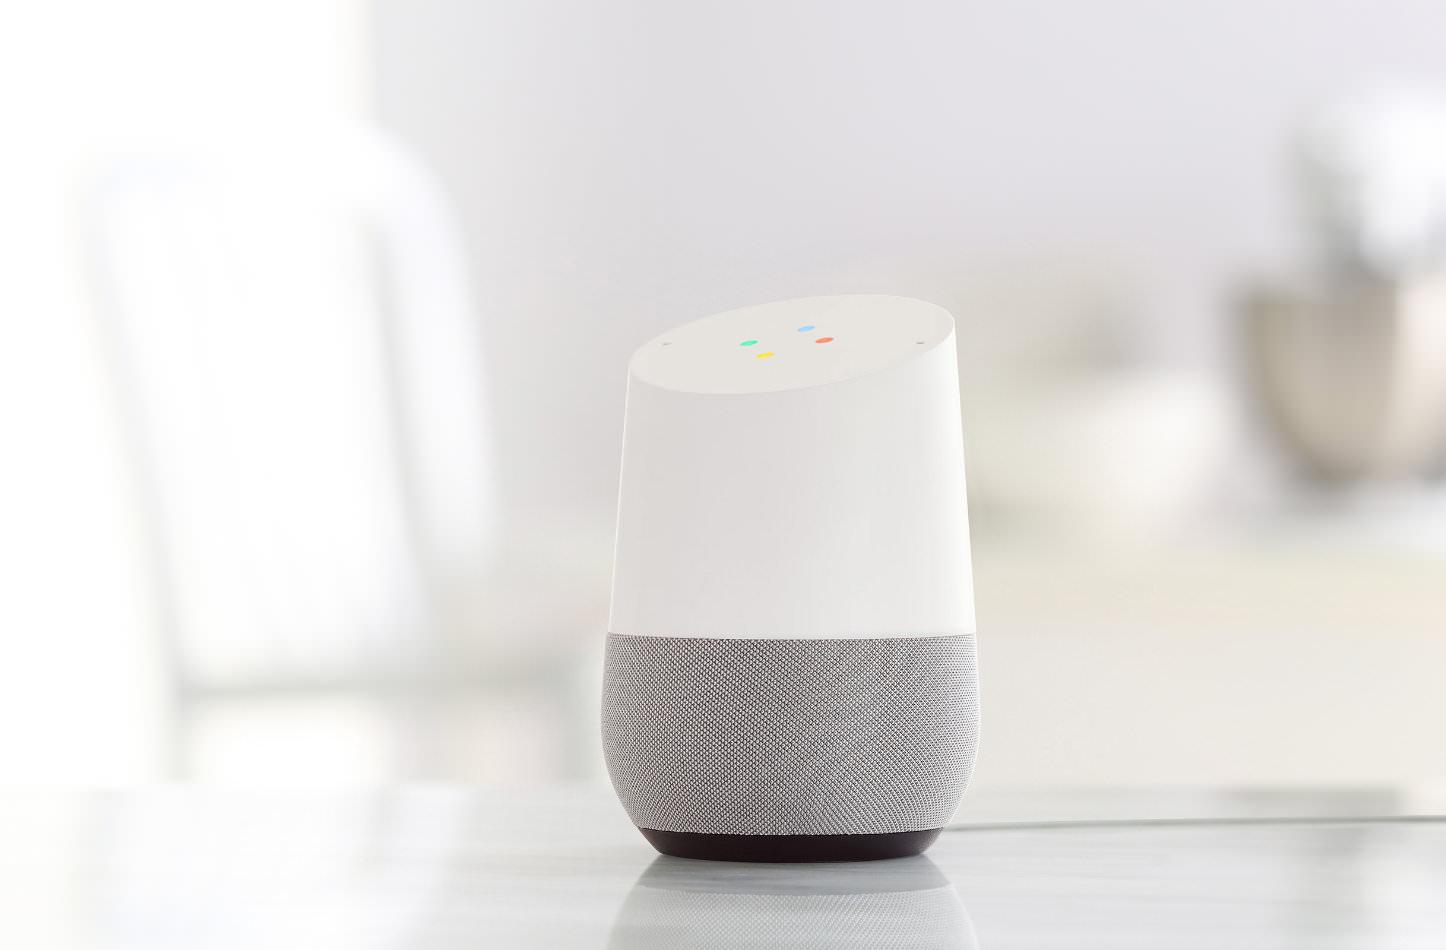 Google-Home-Speaker-coming-to-Japan.jpg